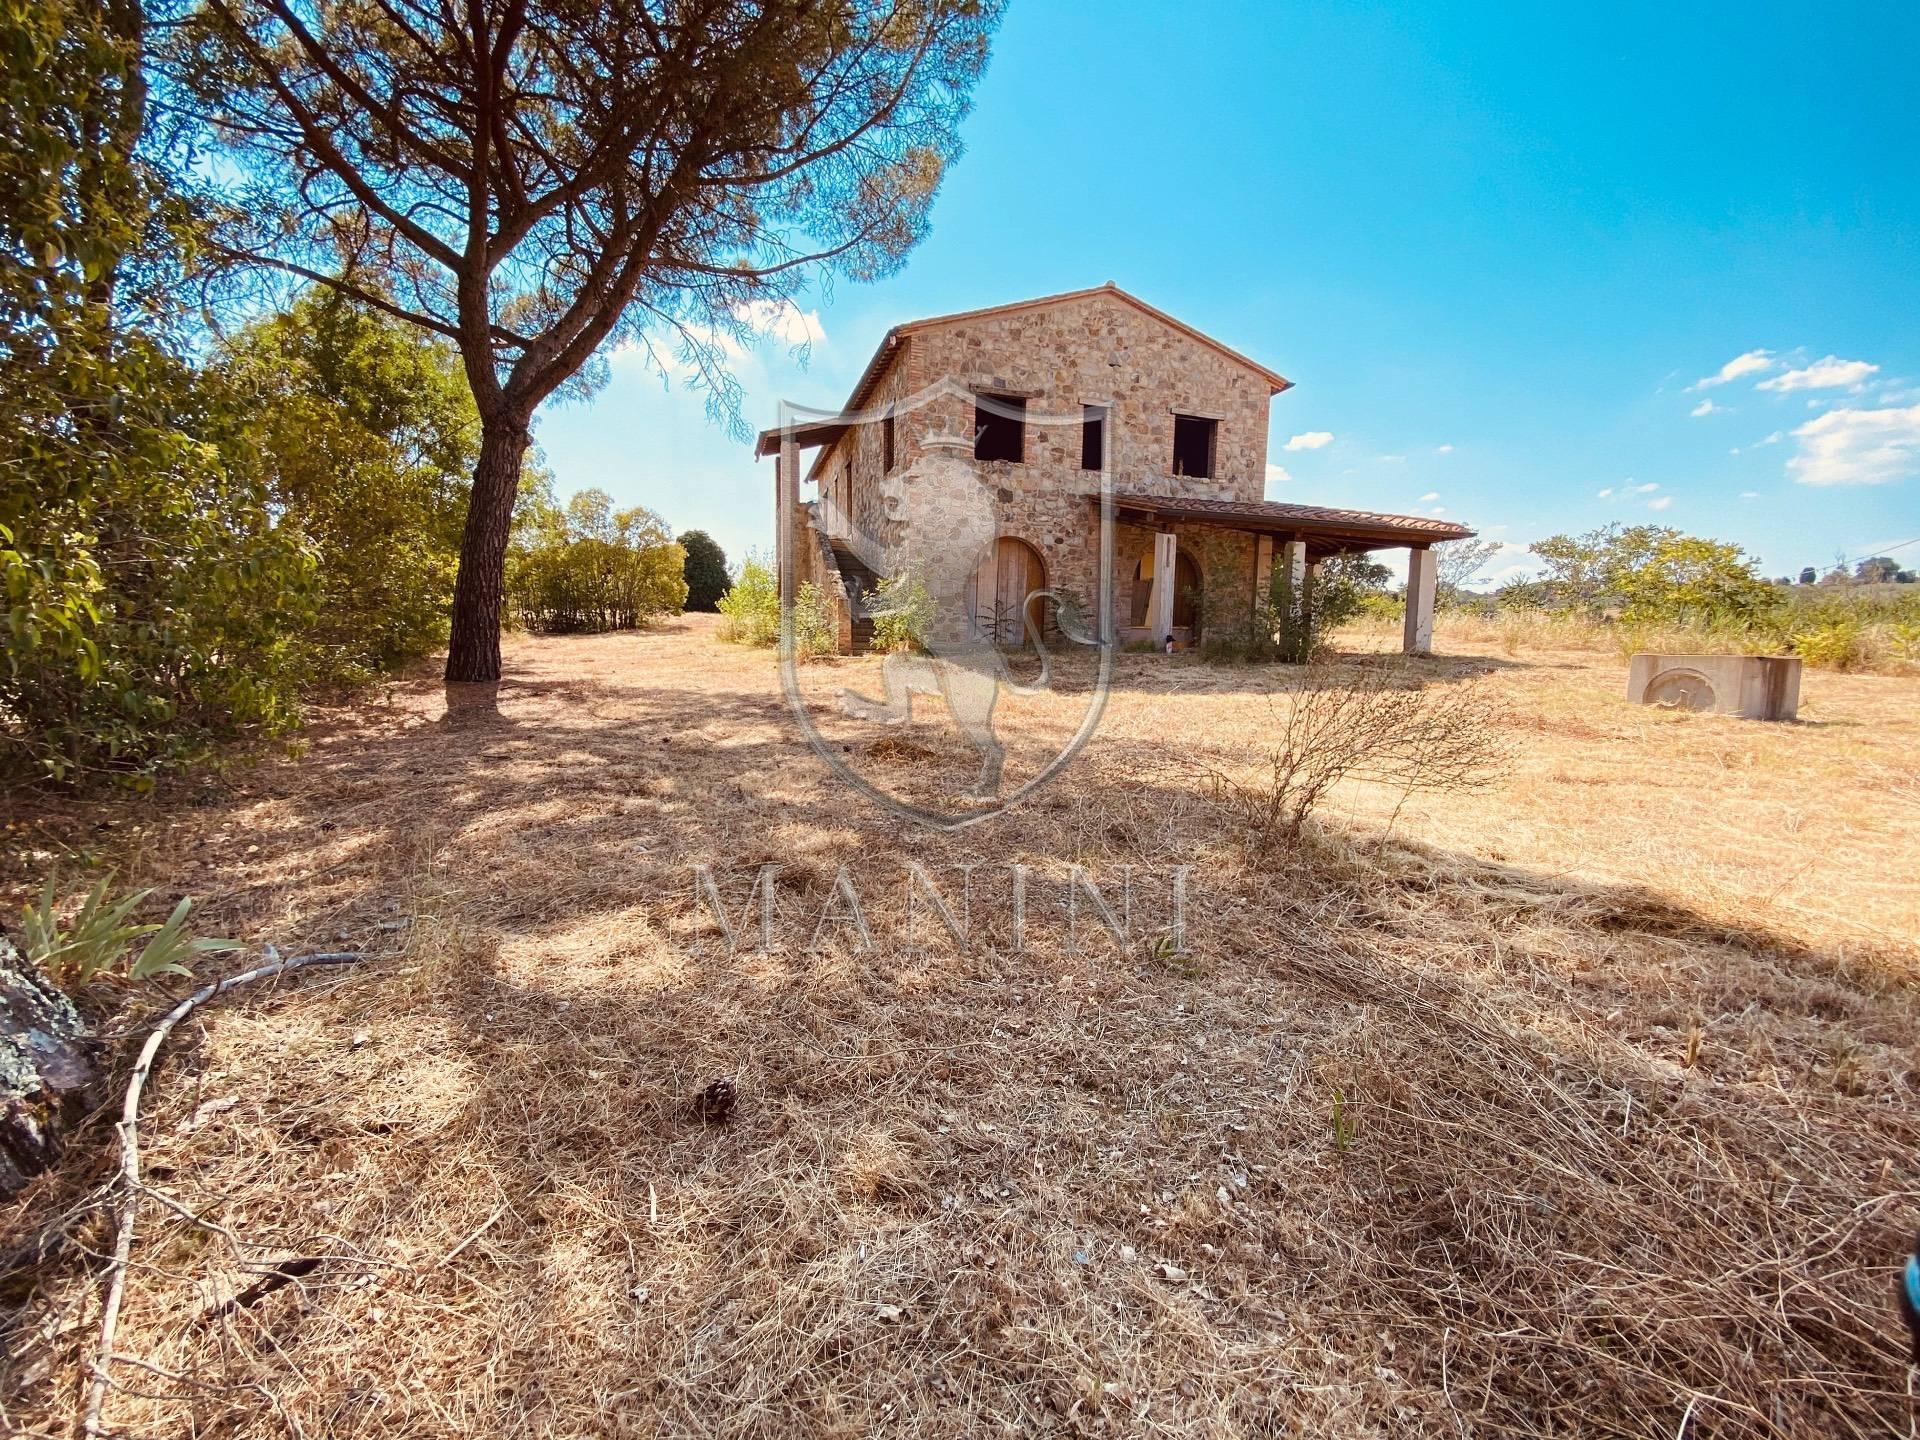 Rustico / Casale in vendita a Castiglione del Lago, 8 locali, zona Zona: Villastrada, prezzo € 285.000   CambioCasa.it